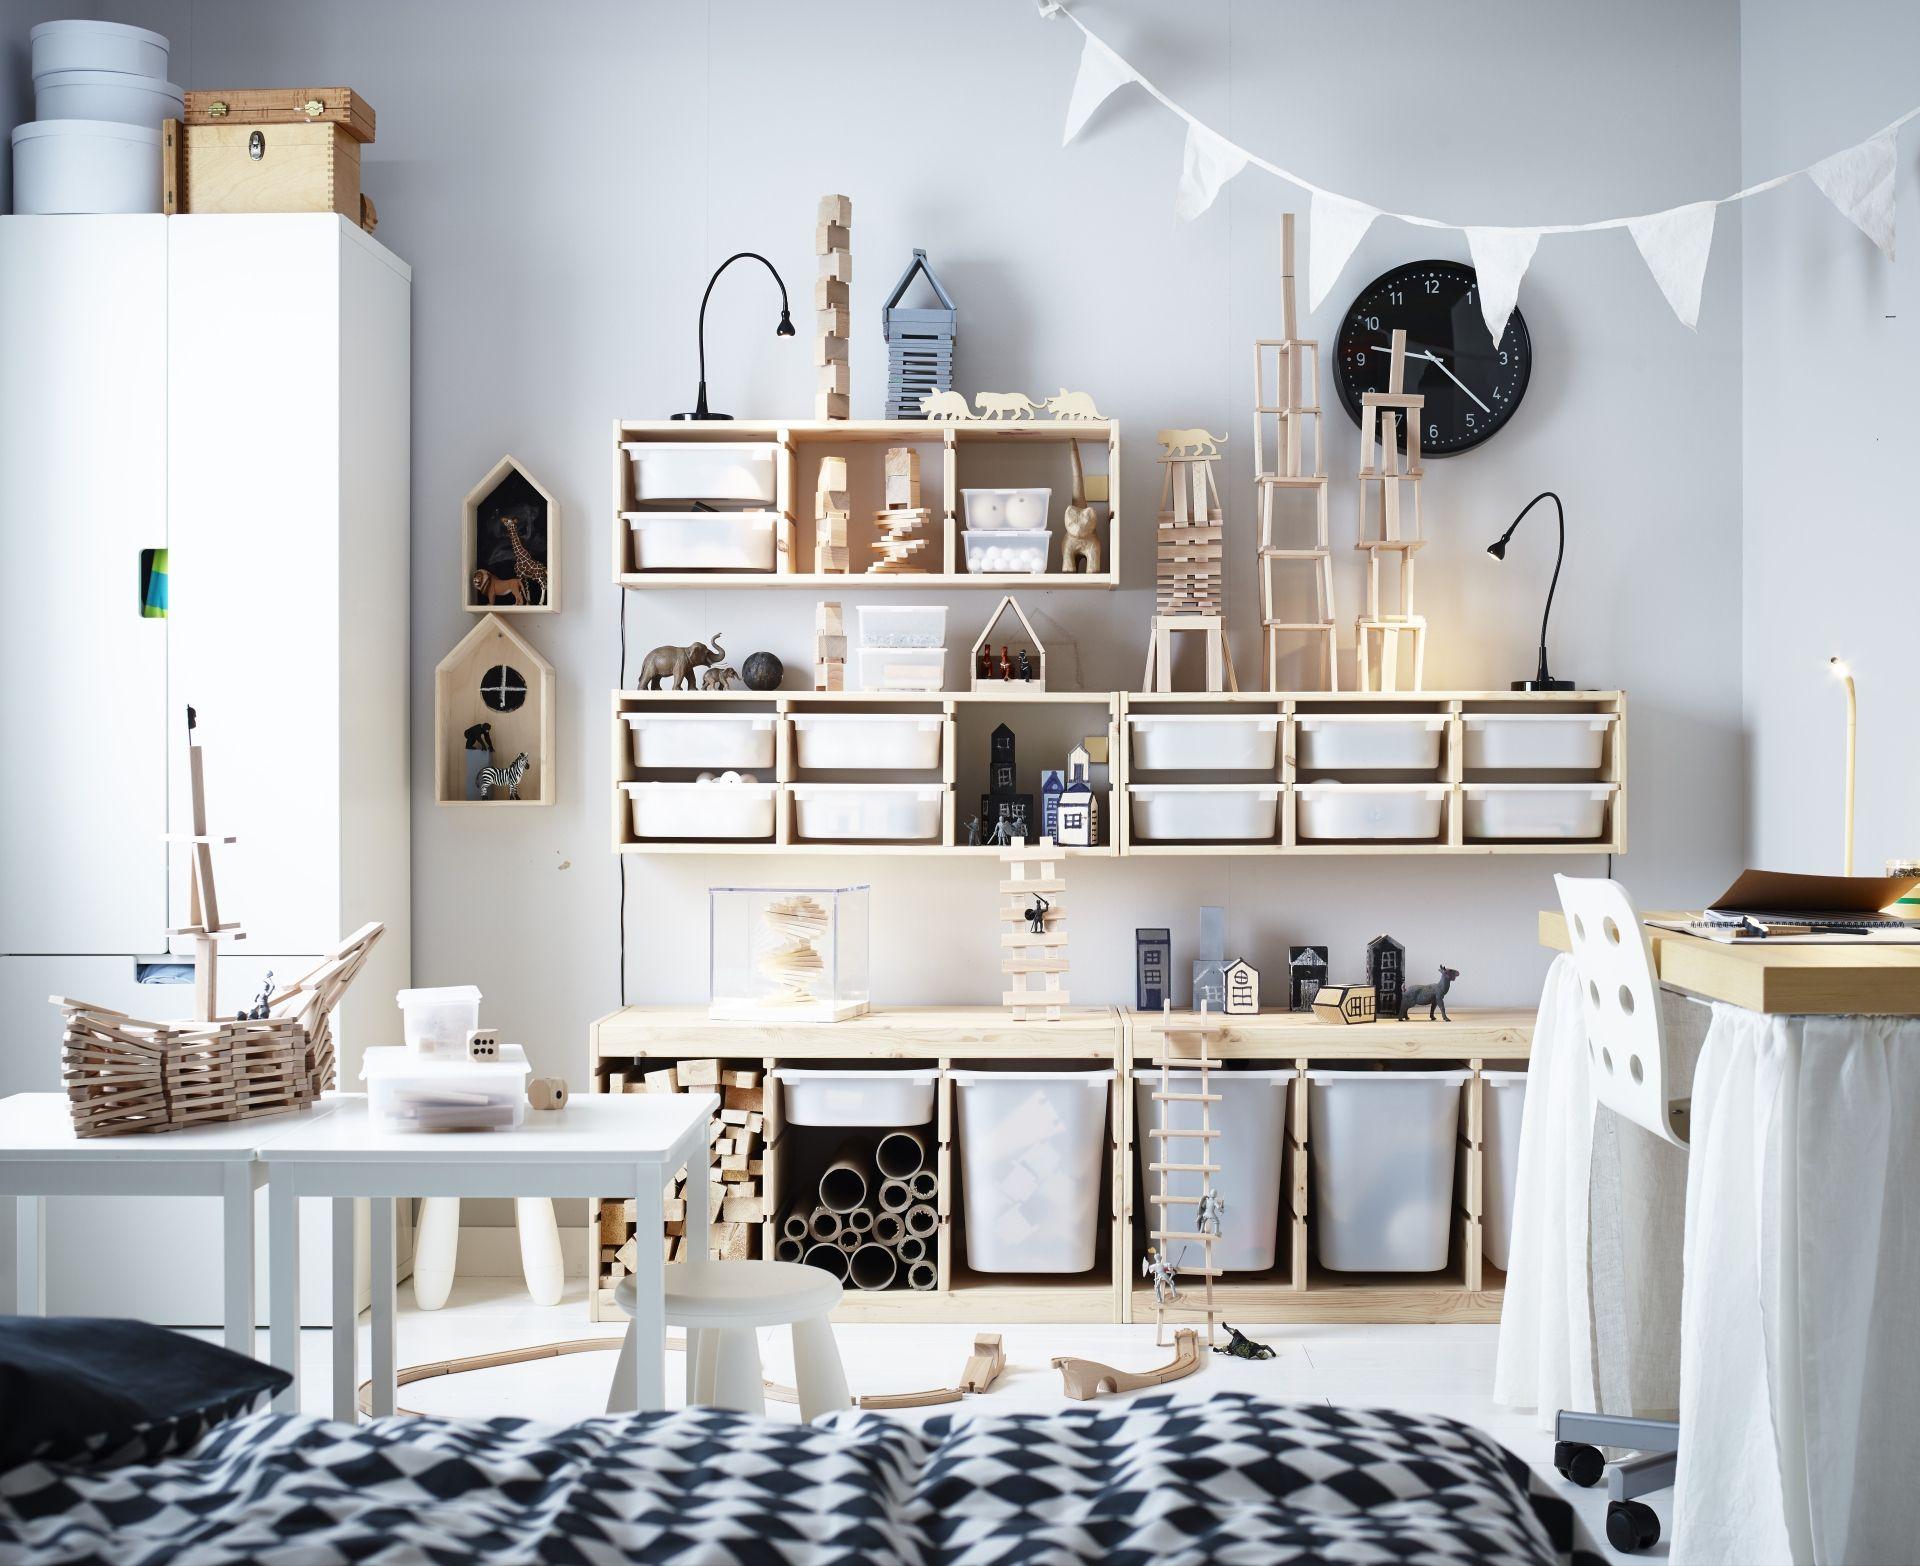 Ikea kinderzimmer trofast  TROFAST Wandopberger, grenen licht witgebeitst grenen, wit | Kura ...